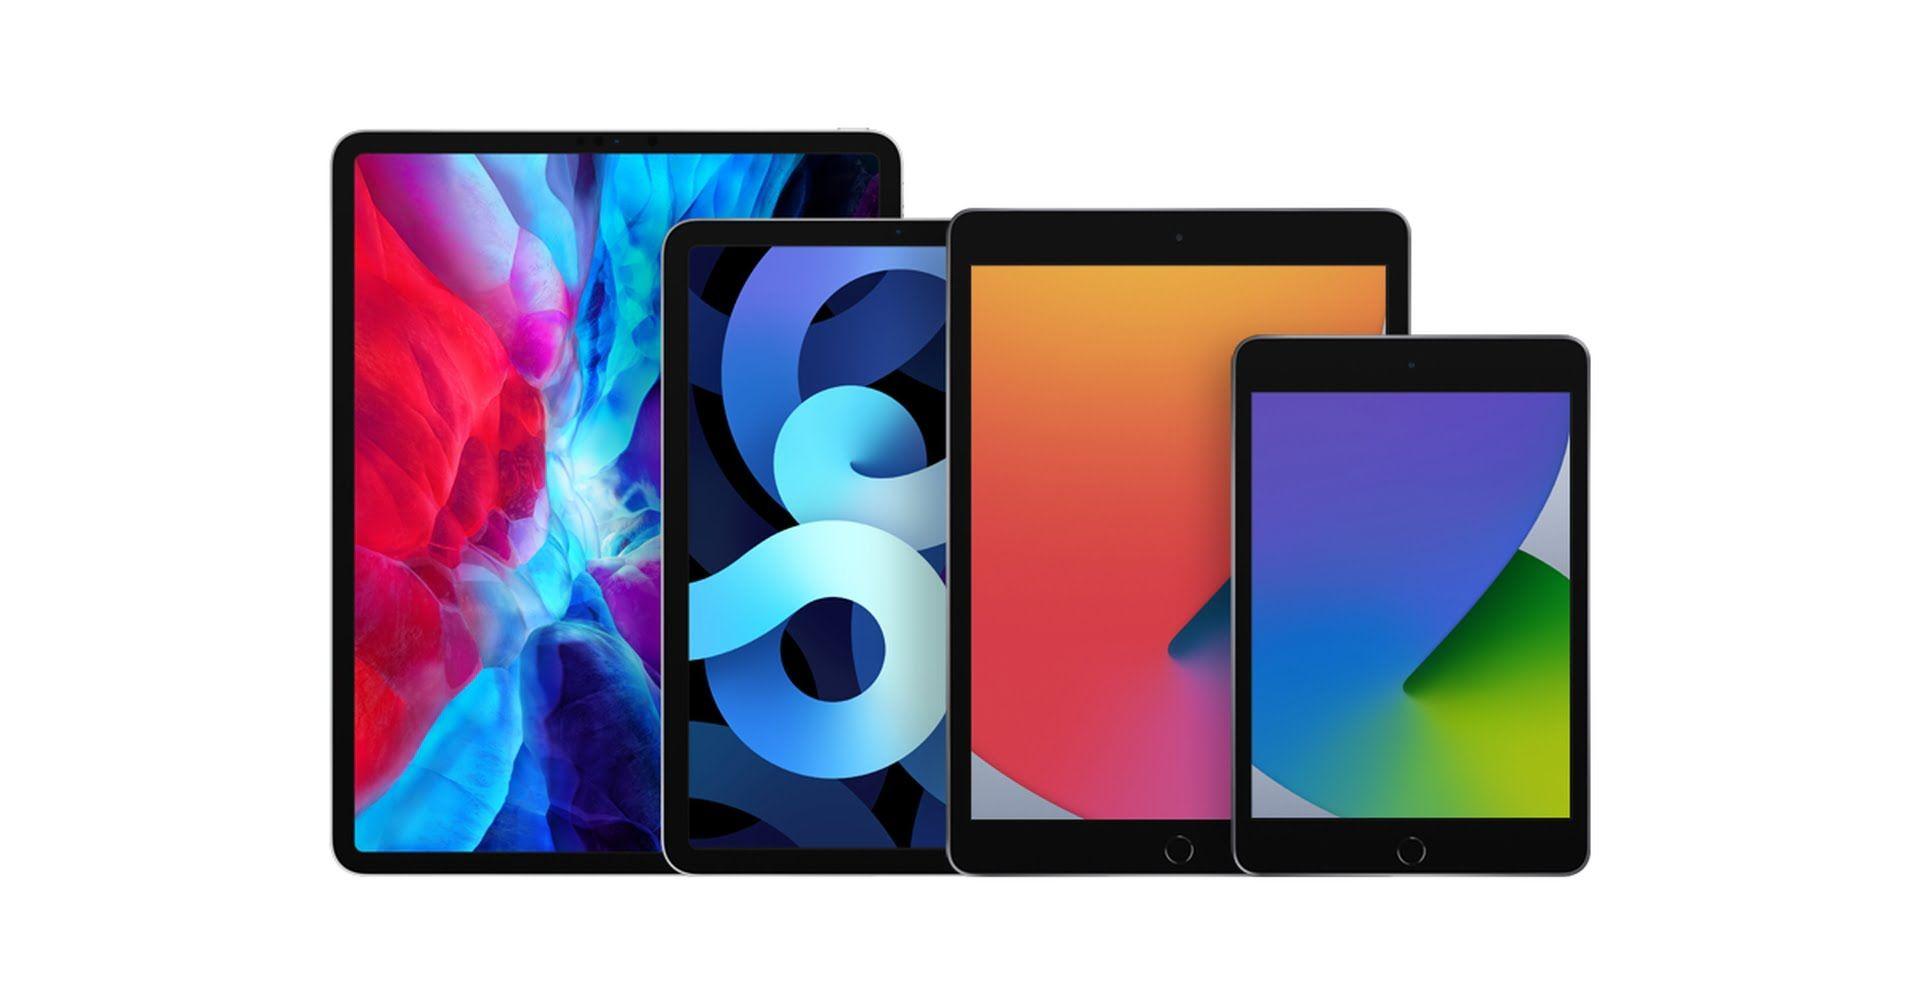 Firma Apple nadal dominuje na światowym rynku tabletów